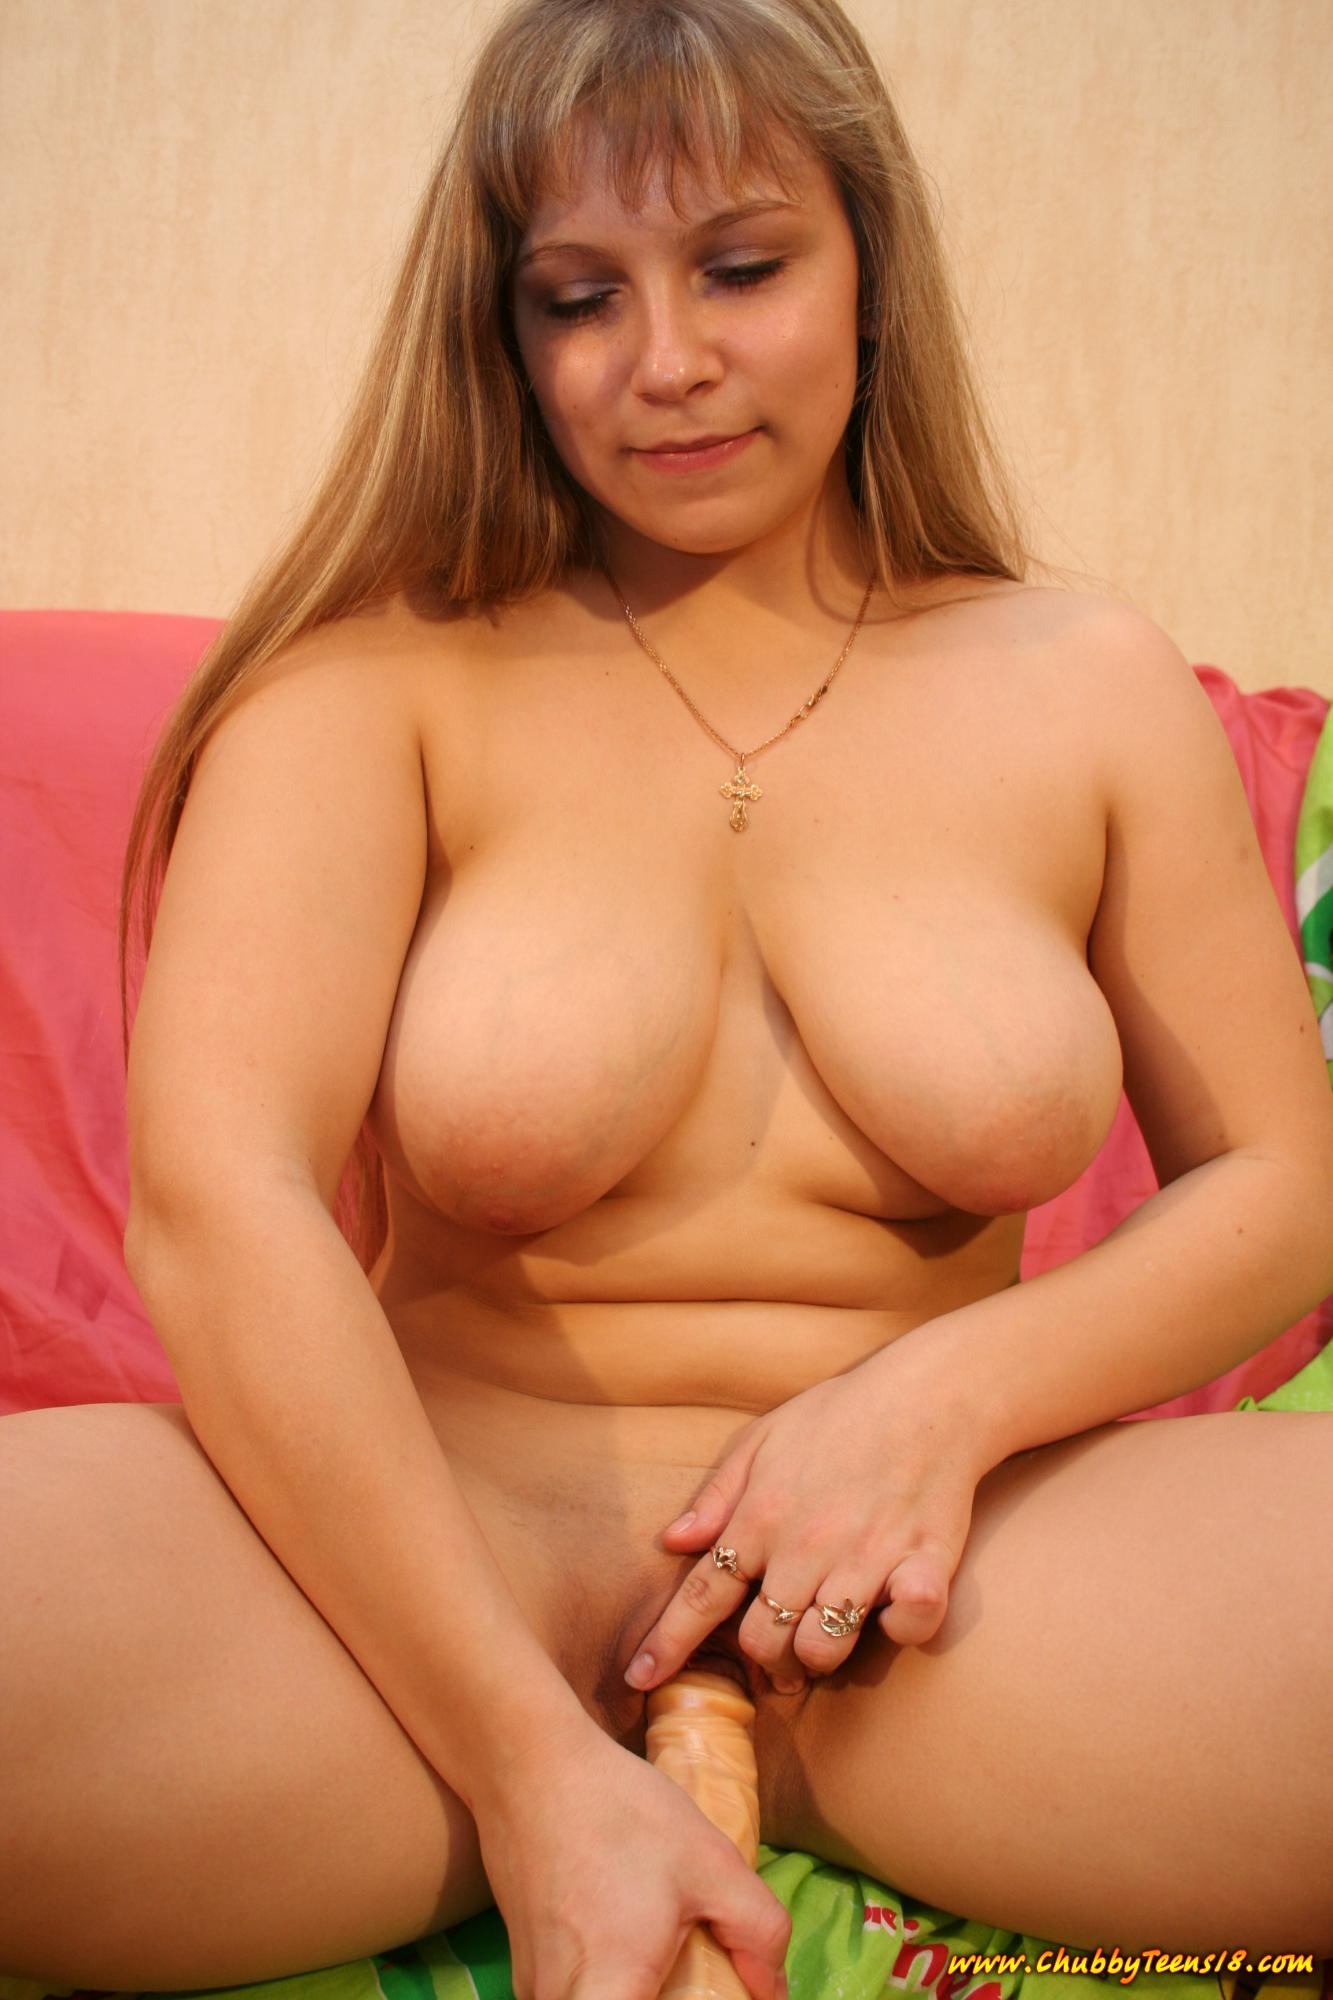 Огромные сиськи - гигантские сиськи и грудь - зрелые и ...